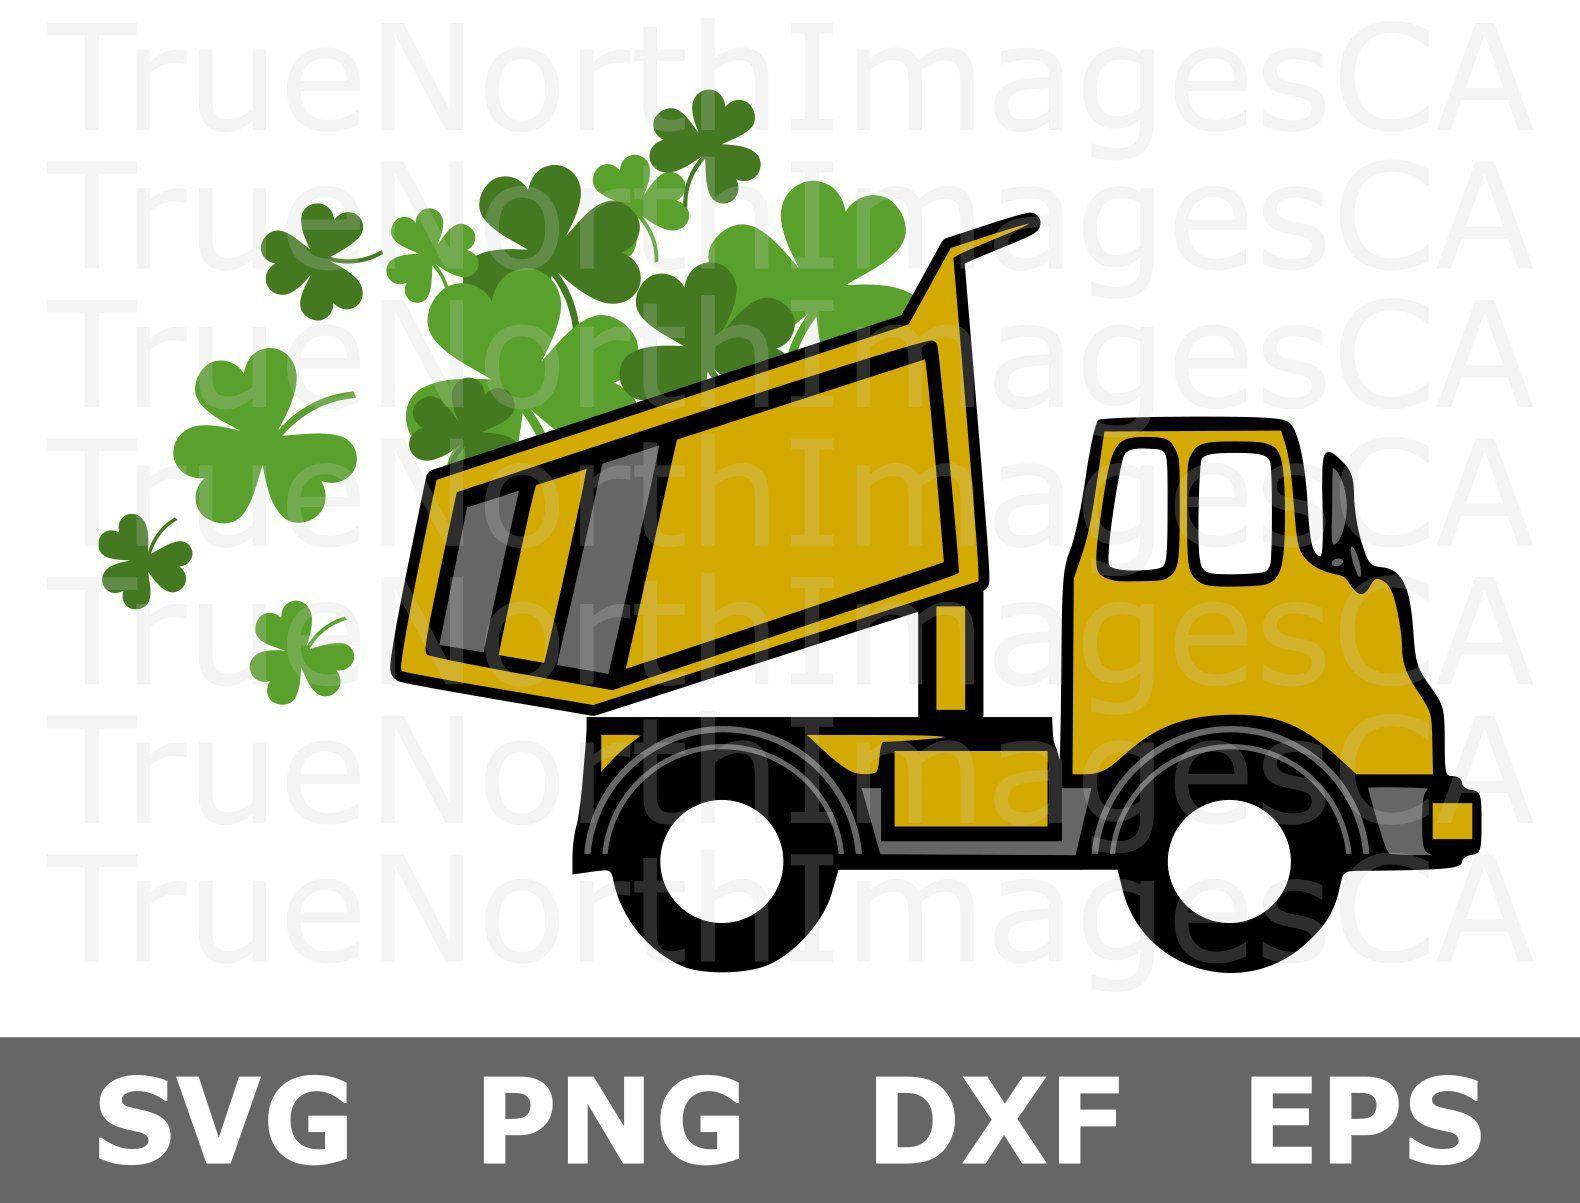 St Patricks Day SVG / St Patricks SVG / Leprechaun SVG / St.